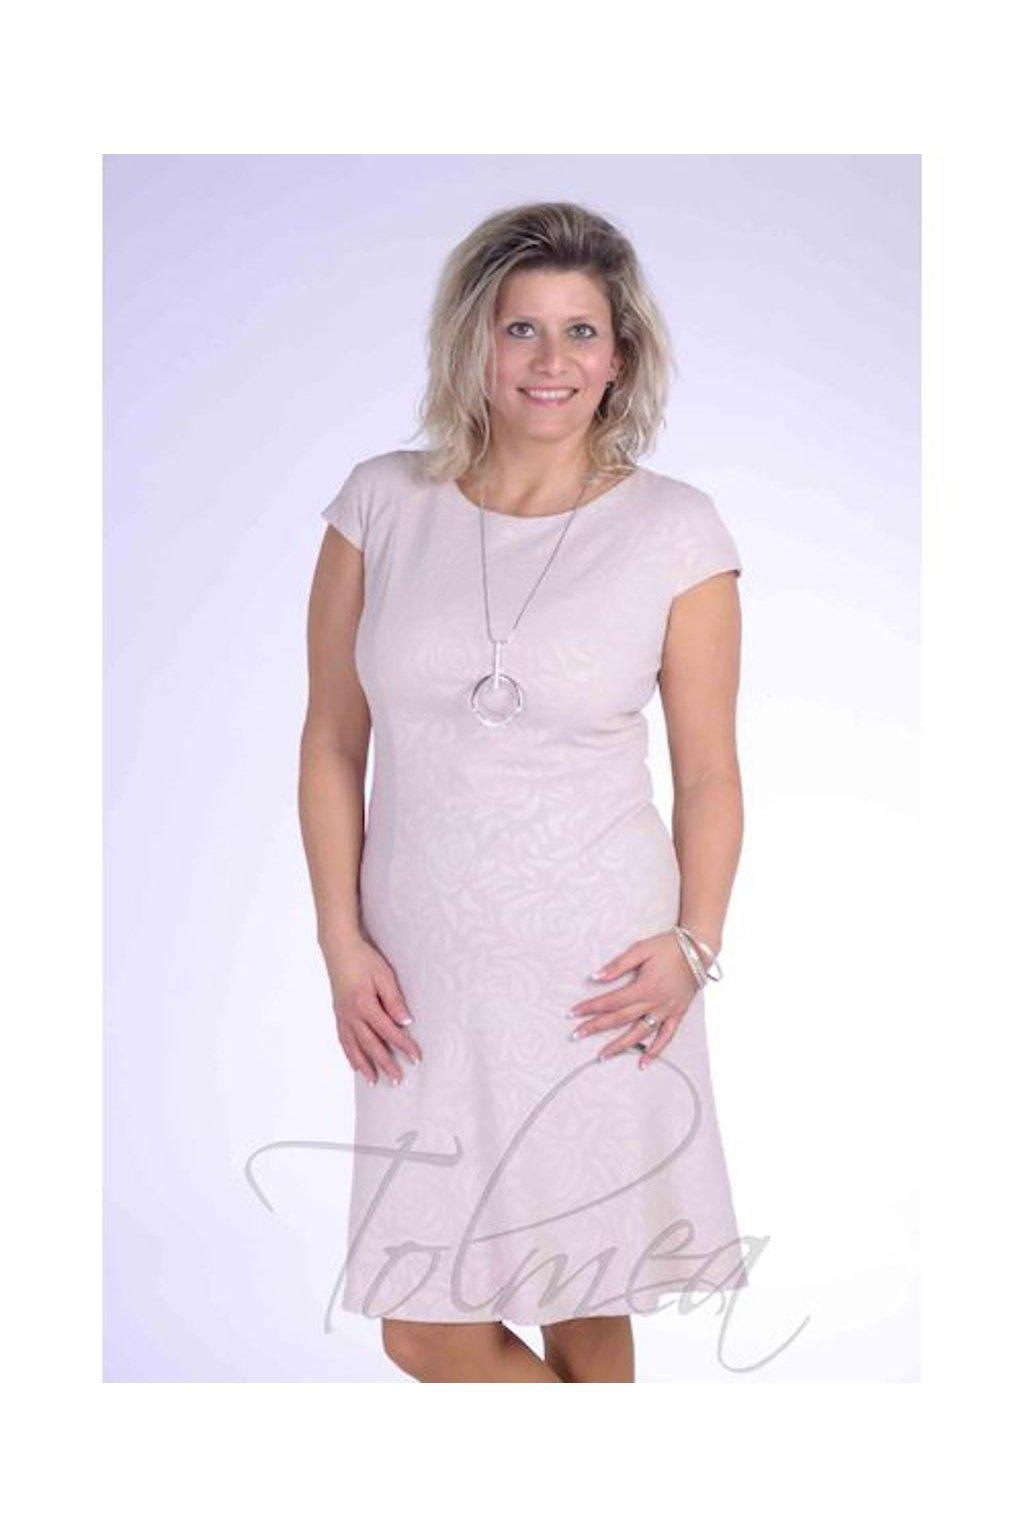 Šaty přiléhavé volán 0718 (Velikost 36, Barva Pudrová)